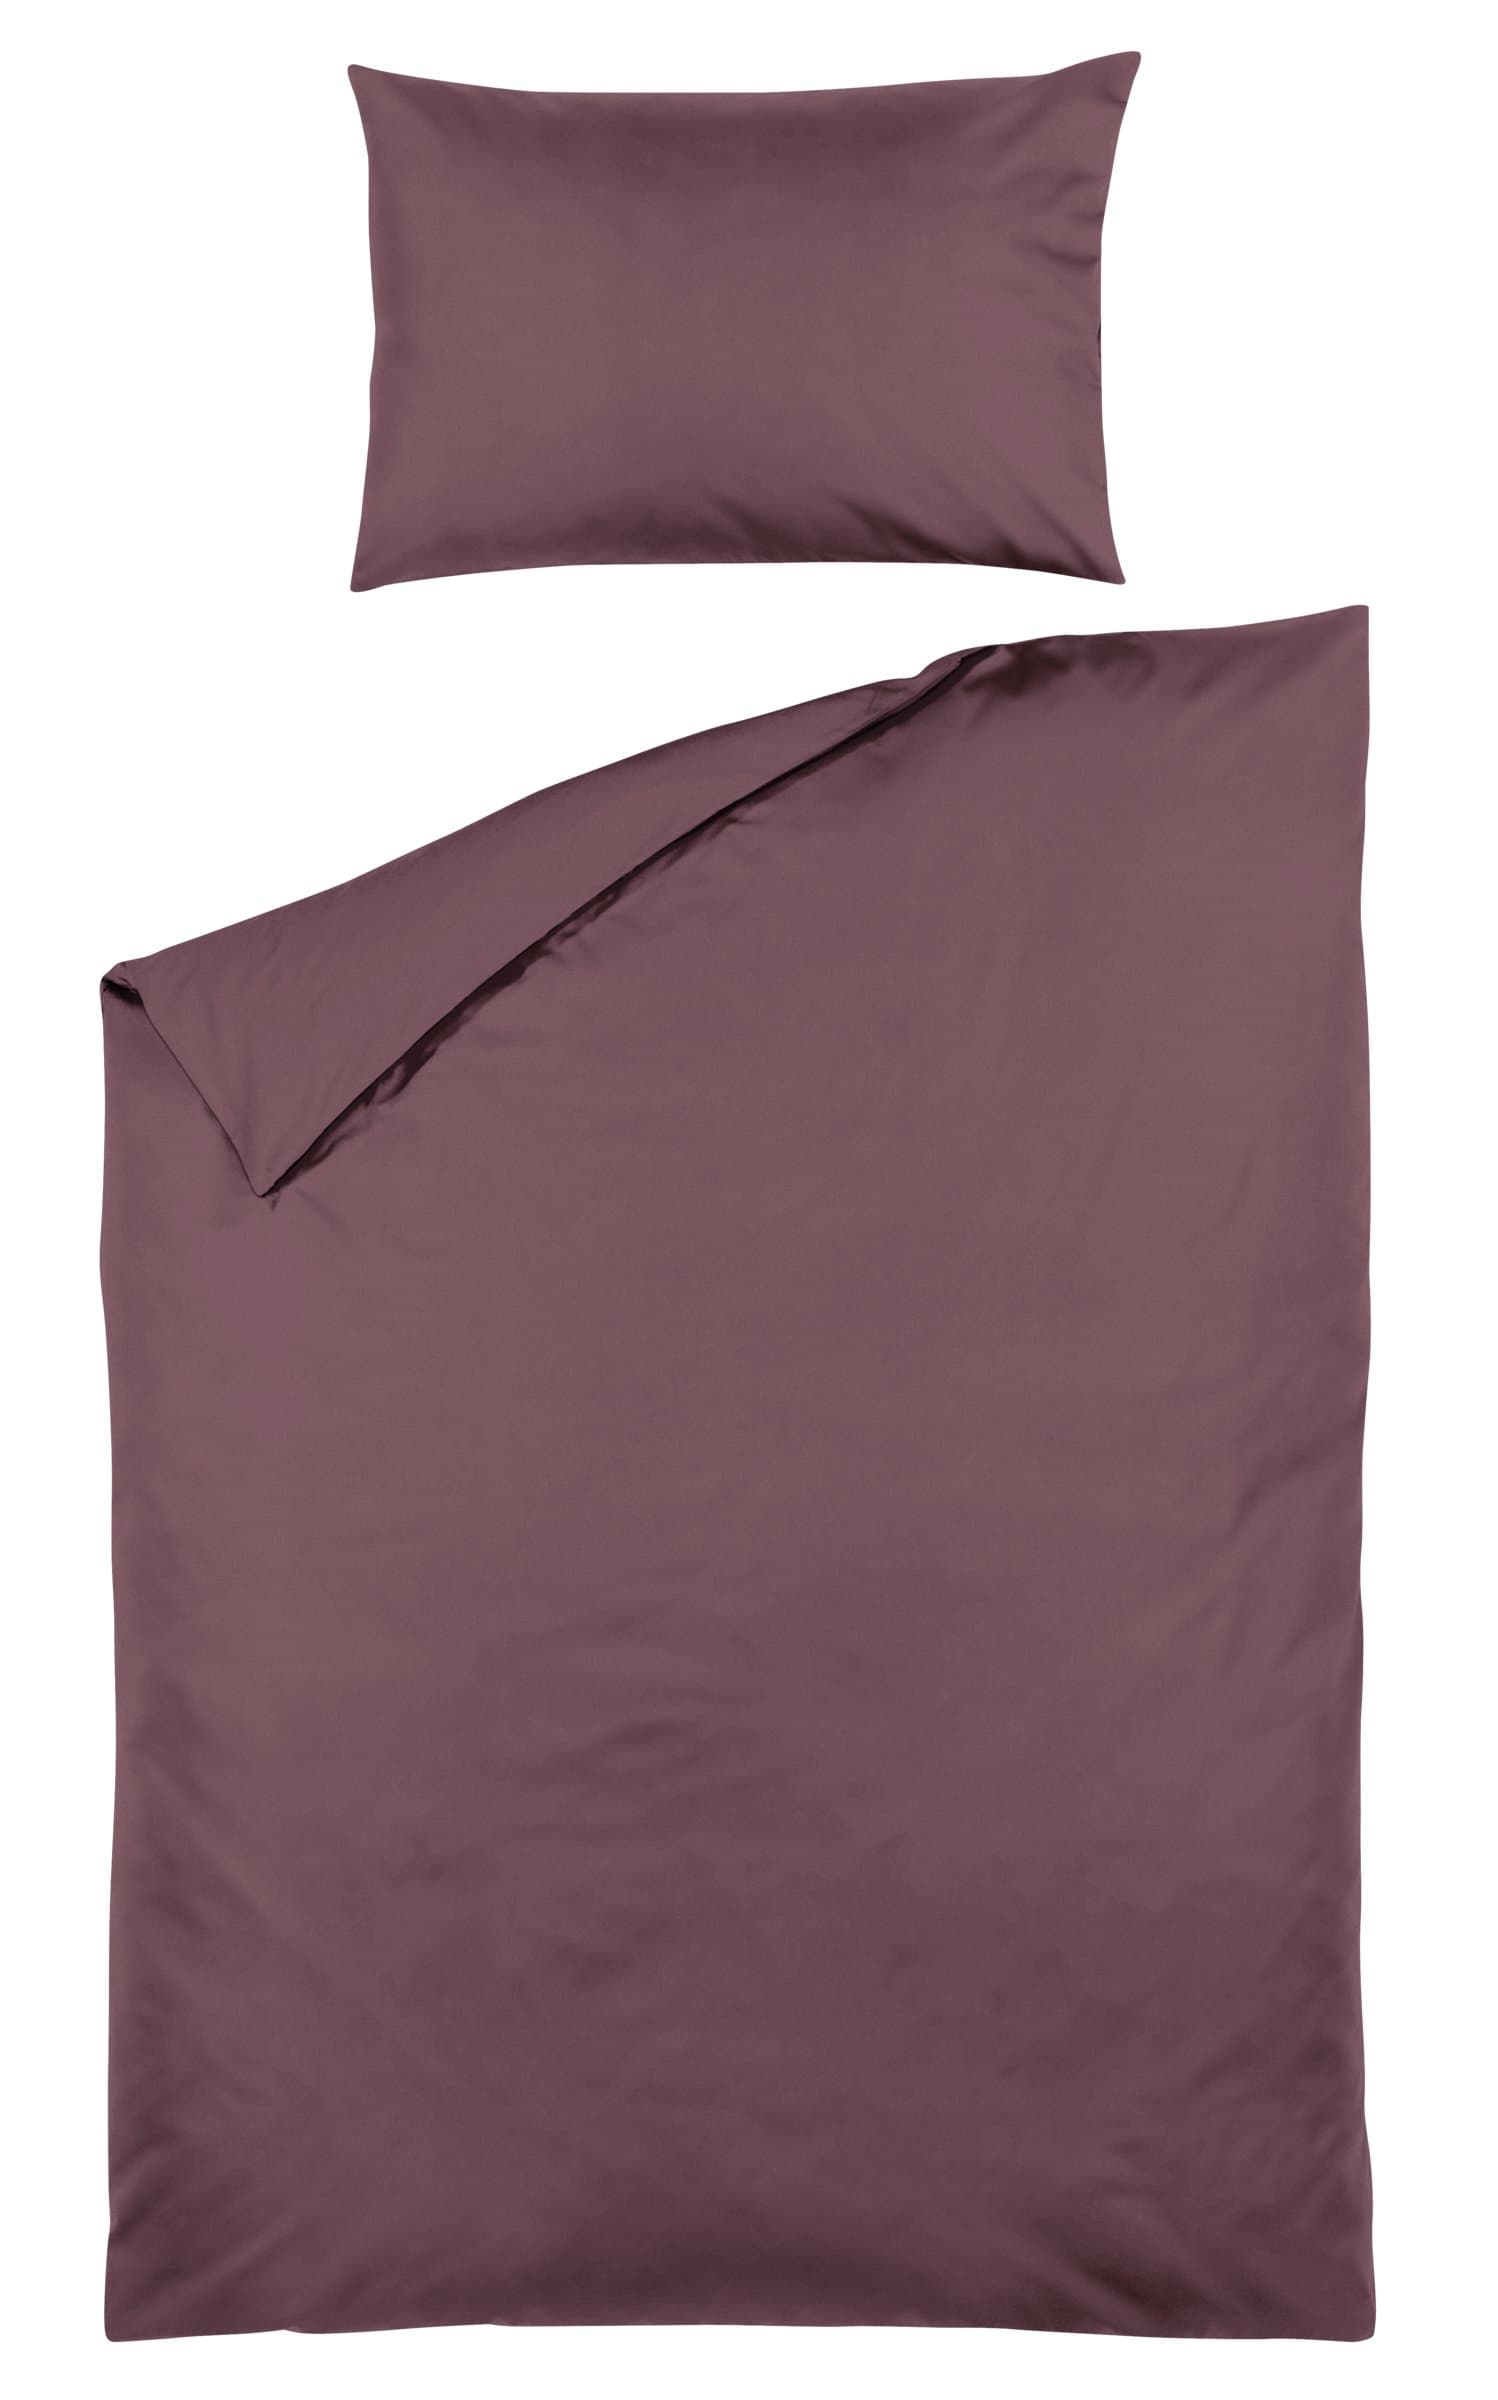 taie d 39 oreiller en satin penelope migros. Black Bedroom Furniture Sets. Home Design Ideas